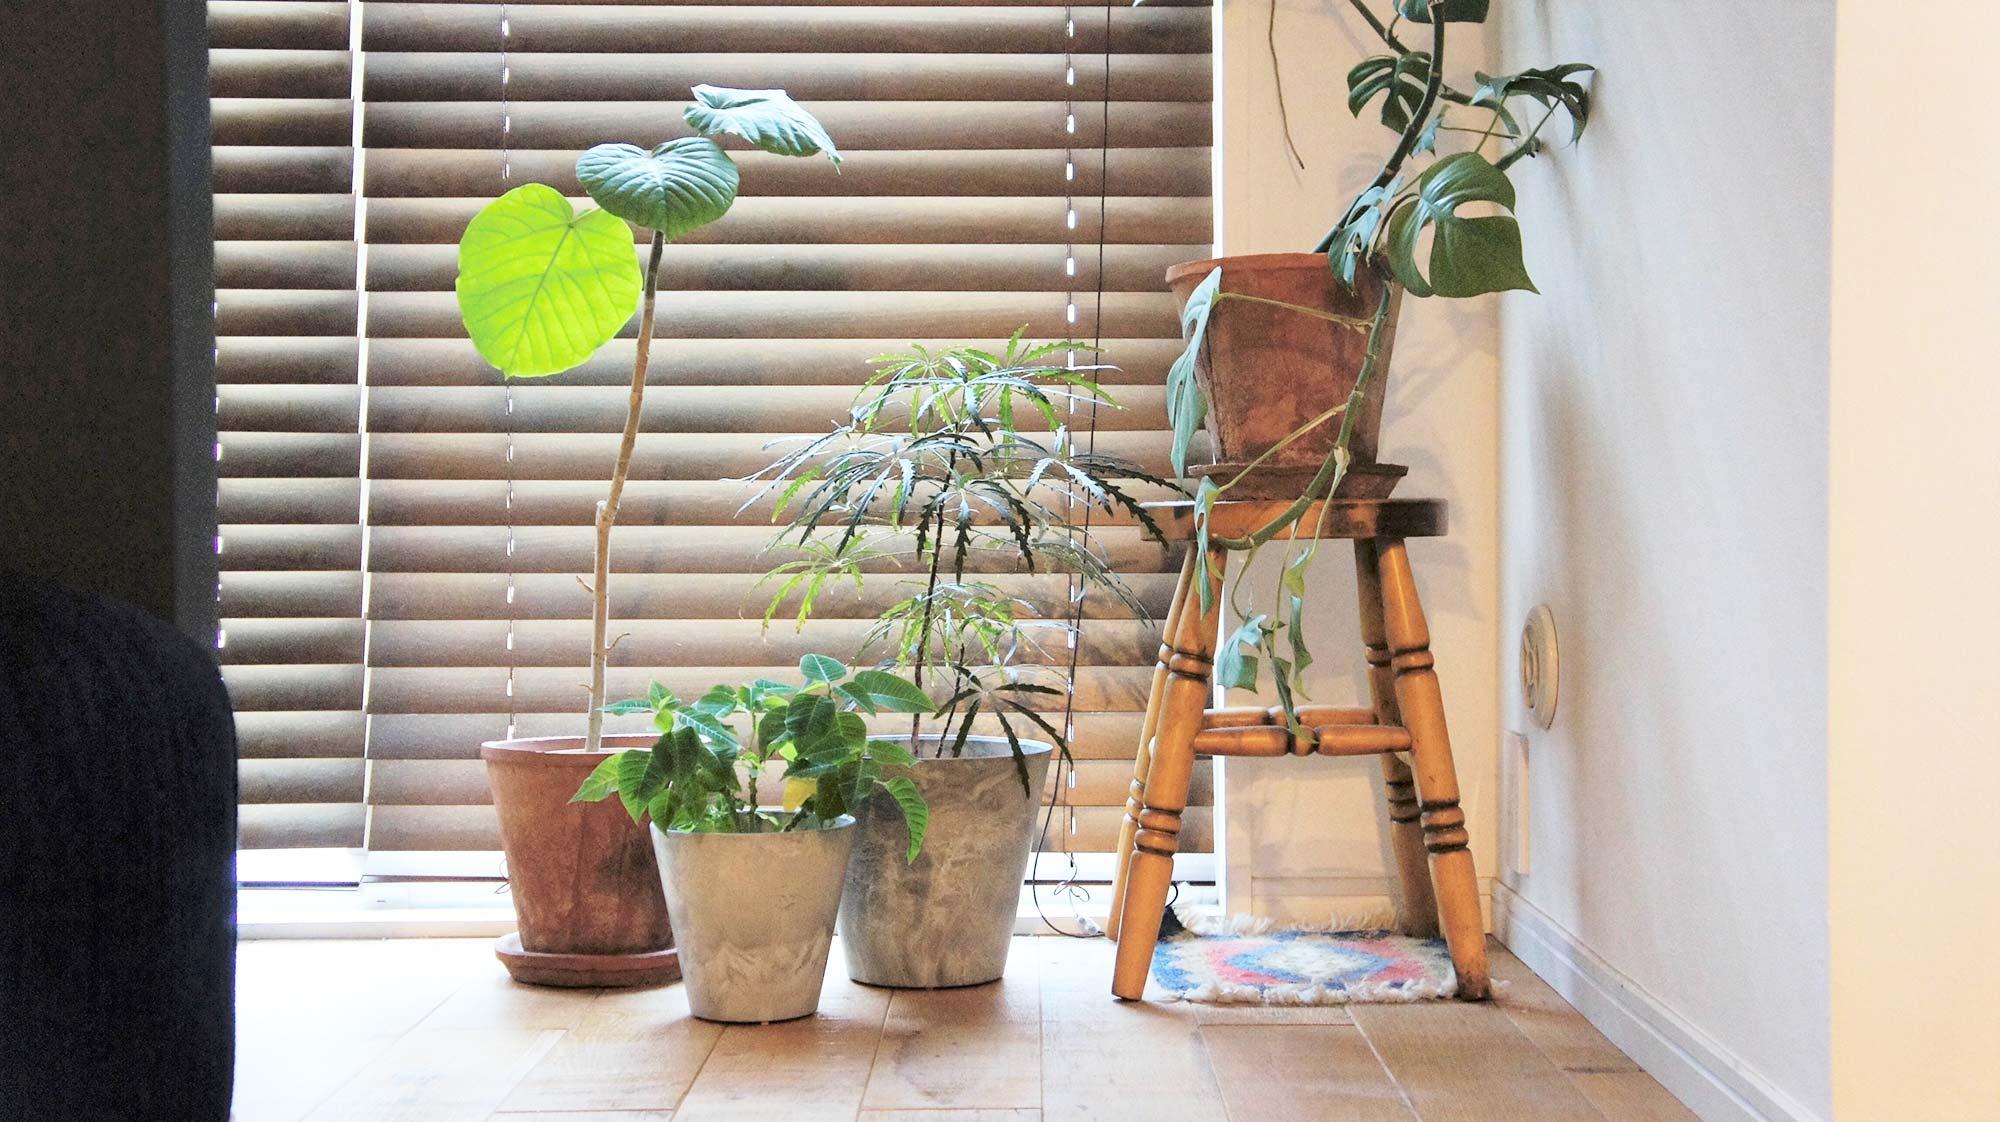 重厚感のある見た目と水分コントロールが魅力的な amabroの軽量植木鉢「ART STONE」